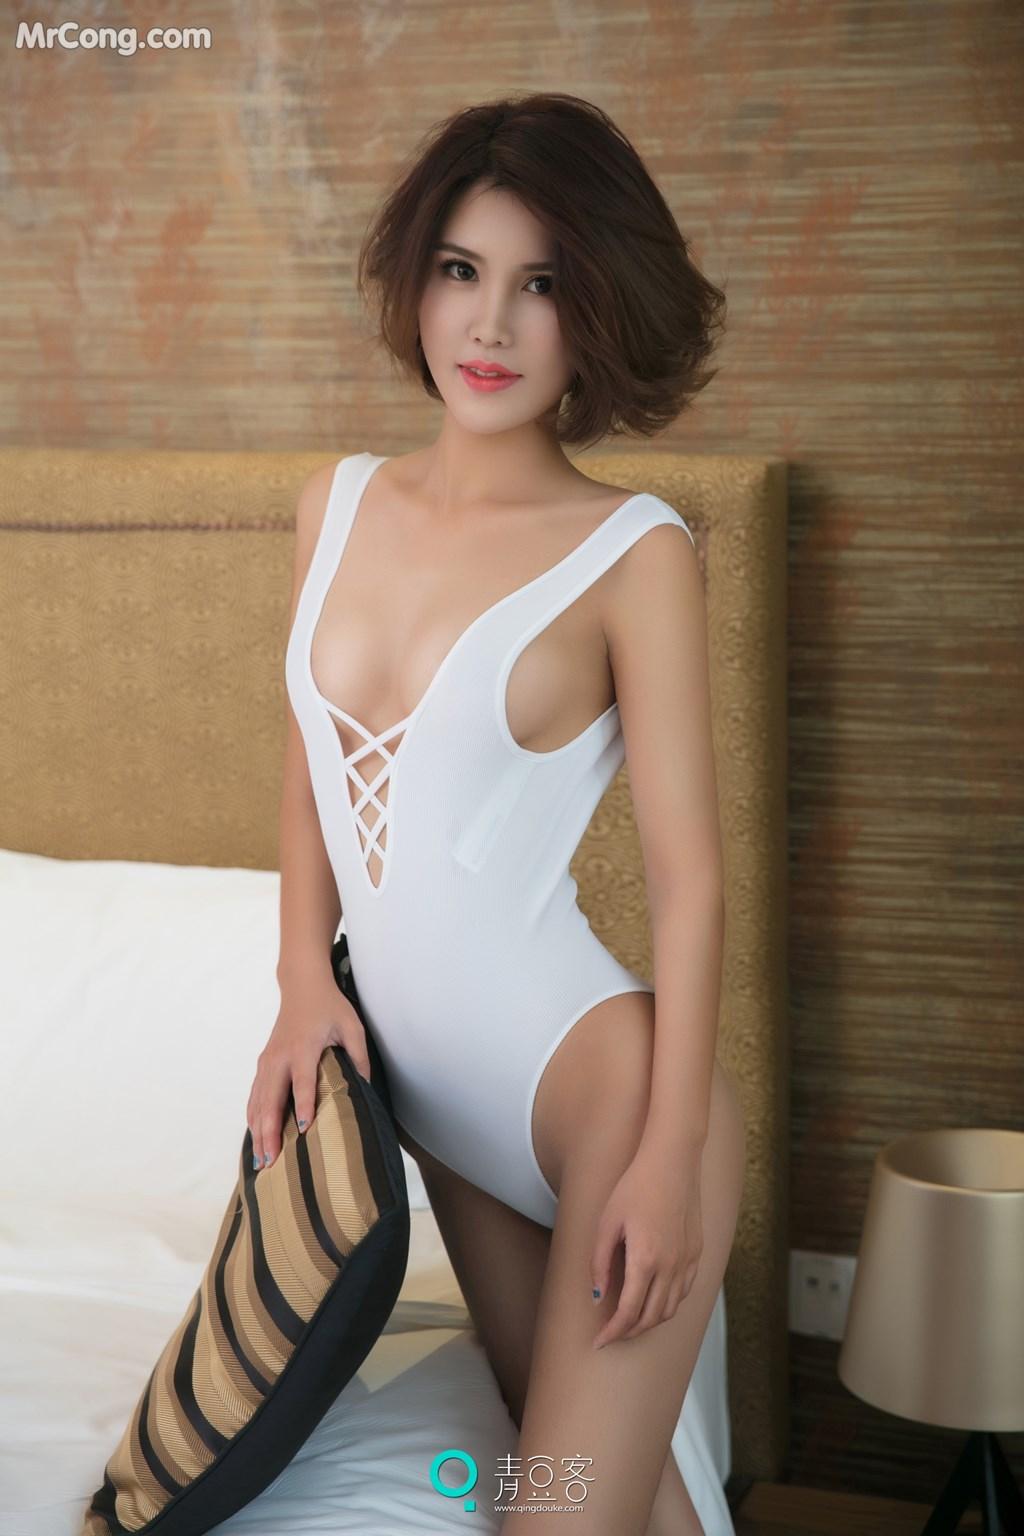 Image QingDouKe-2017-10-10-Yi-Nuo-MrCong.com-001 in post QingDouKe 2017-10-10: Người mẫu Yi Nuo (依诺) (54 ảnh)